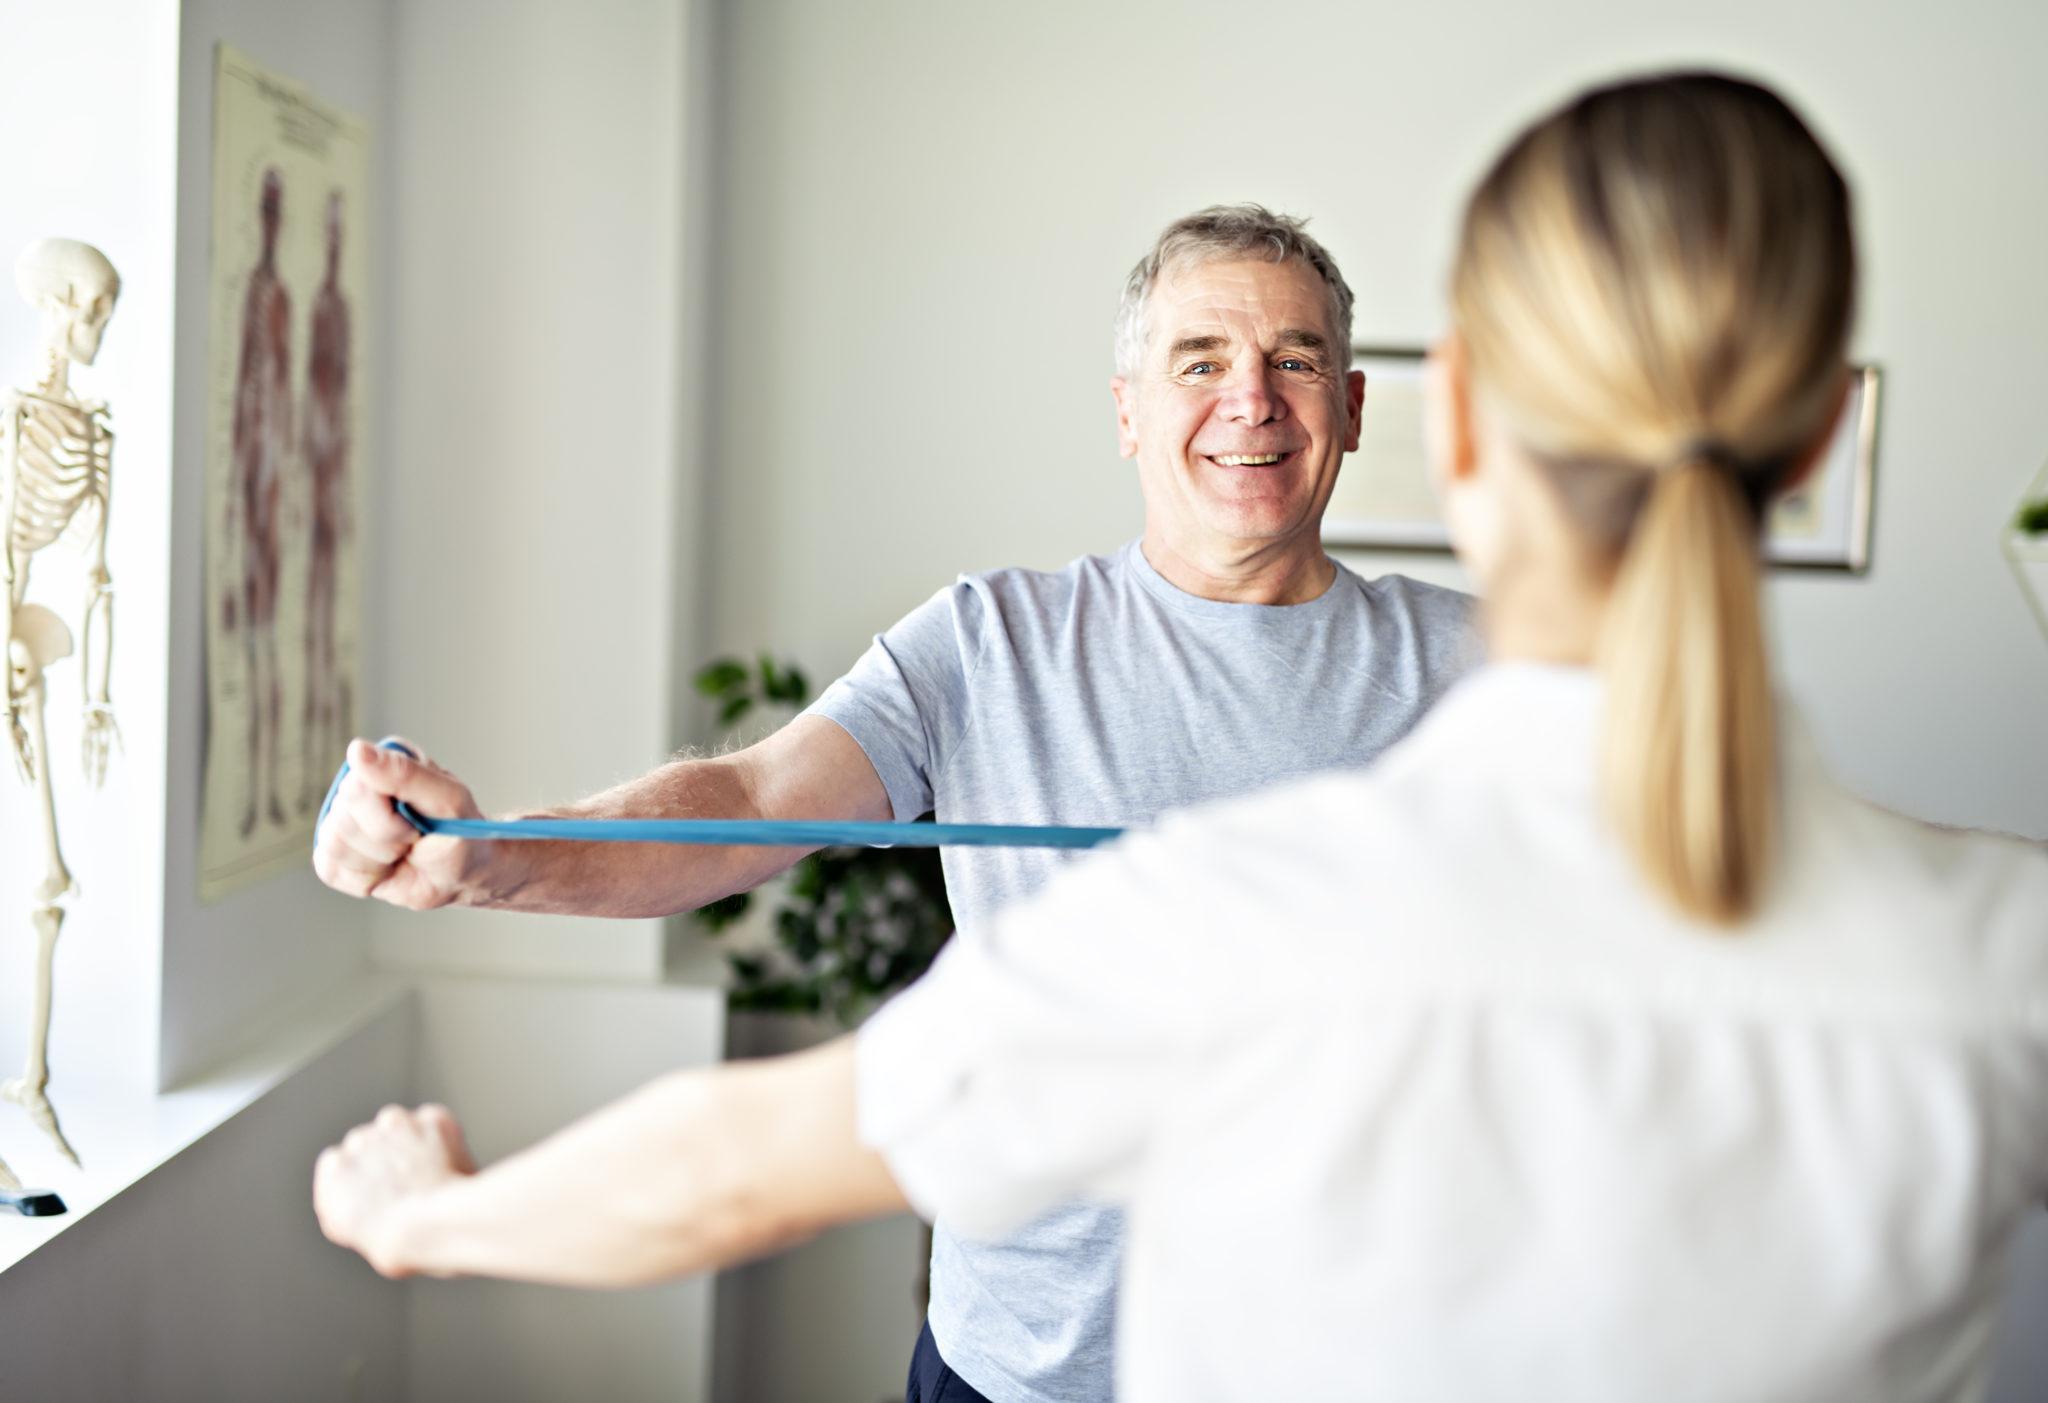 Ein Mann, der mit einem Gymnastikband arbeitet.